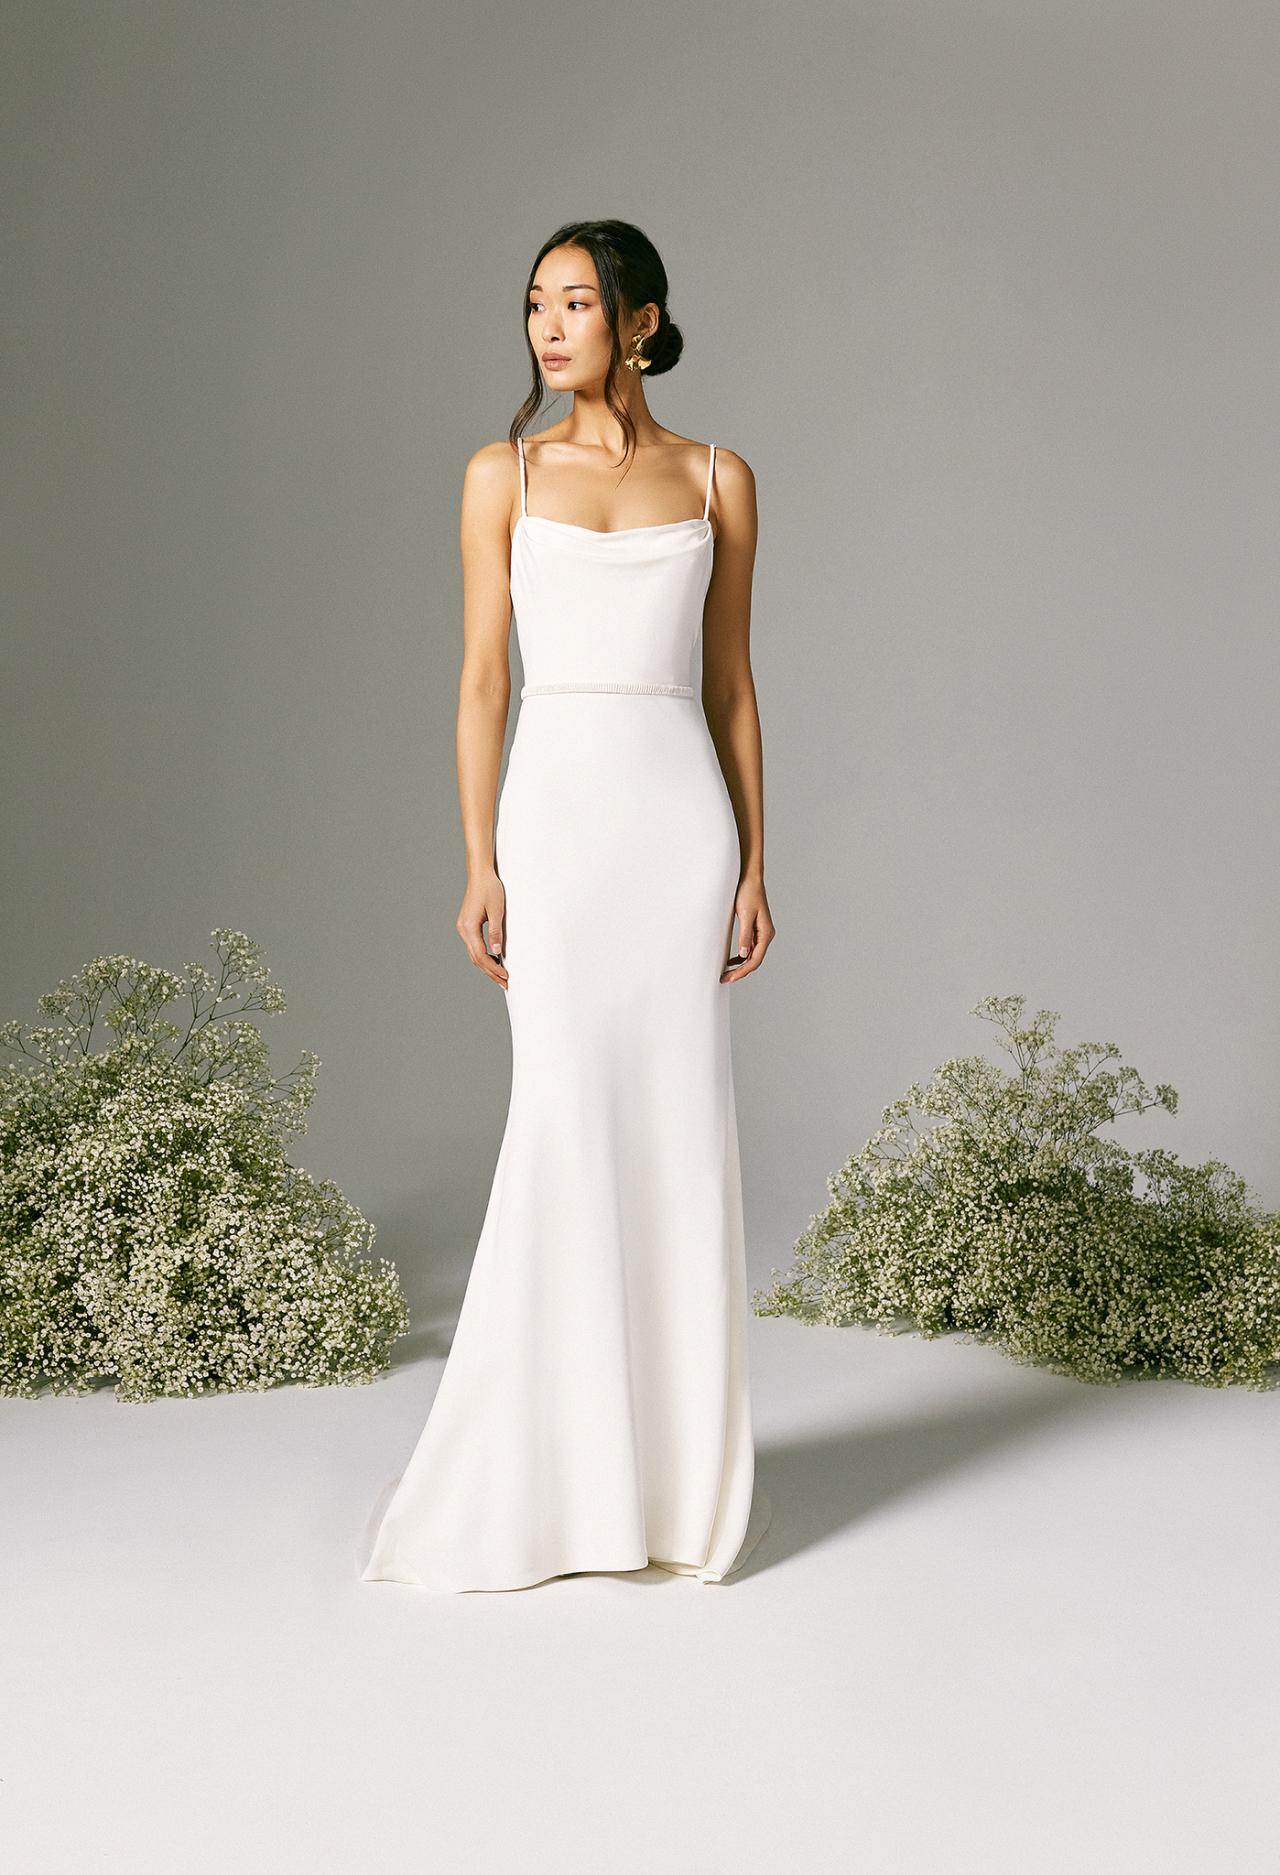 Vestidos de novia Savannah Miller 2022